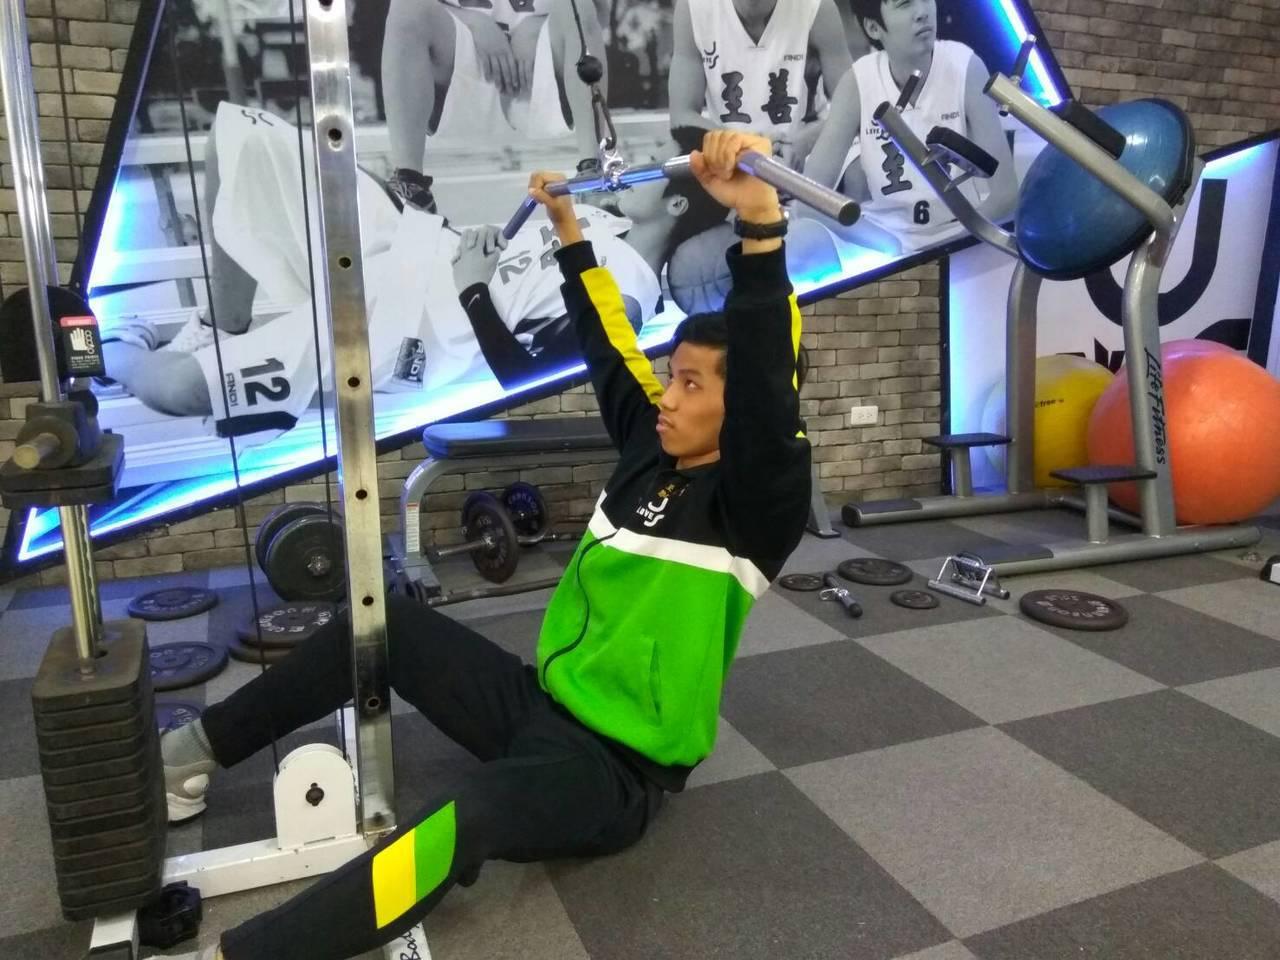 桃園市至善高中打造「大力士健身房」,培養全校健身風氣。記者許政榆/攝影